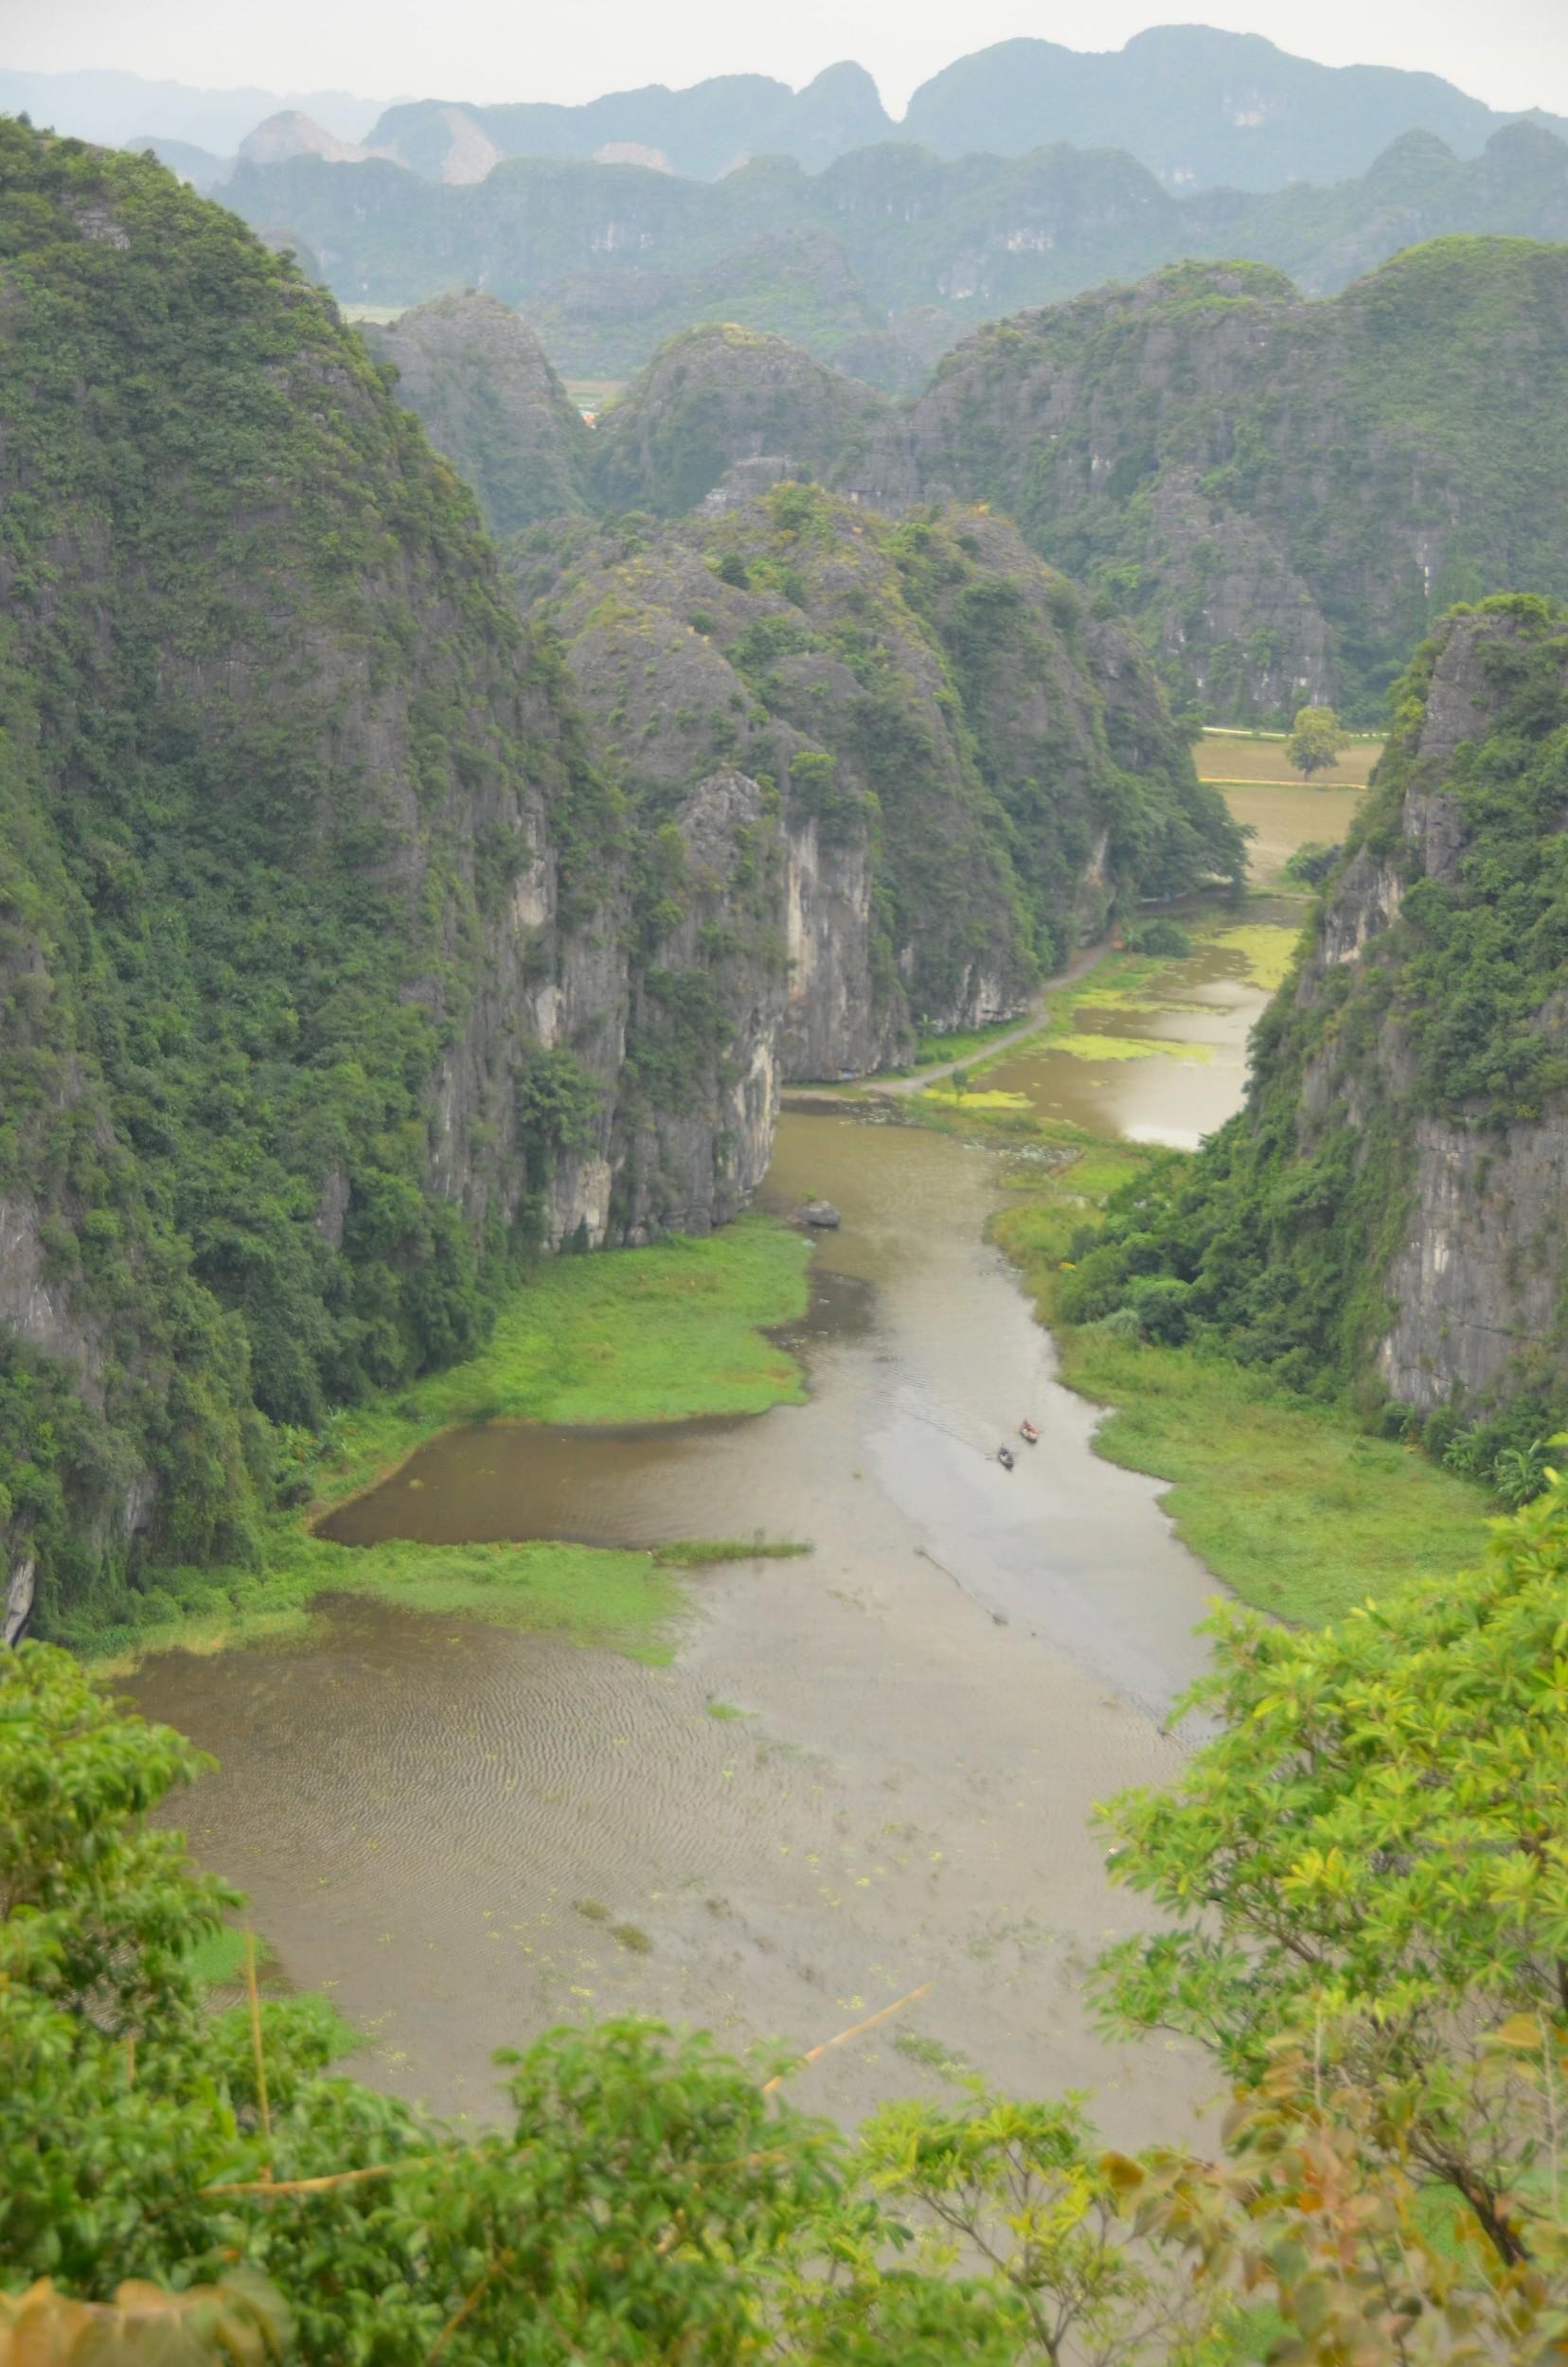 Tam coc, hang mua, montanha, rio, vista